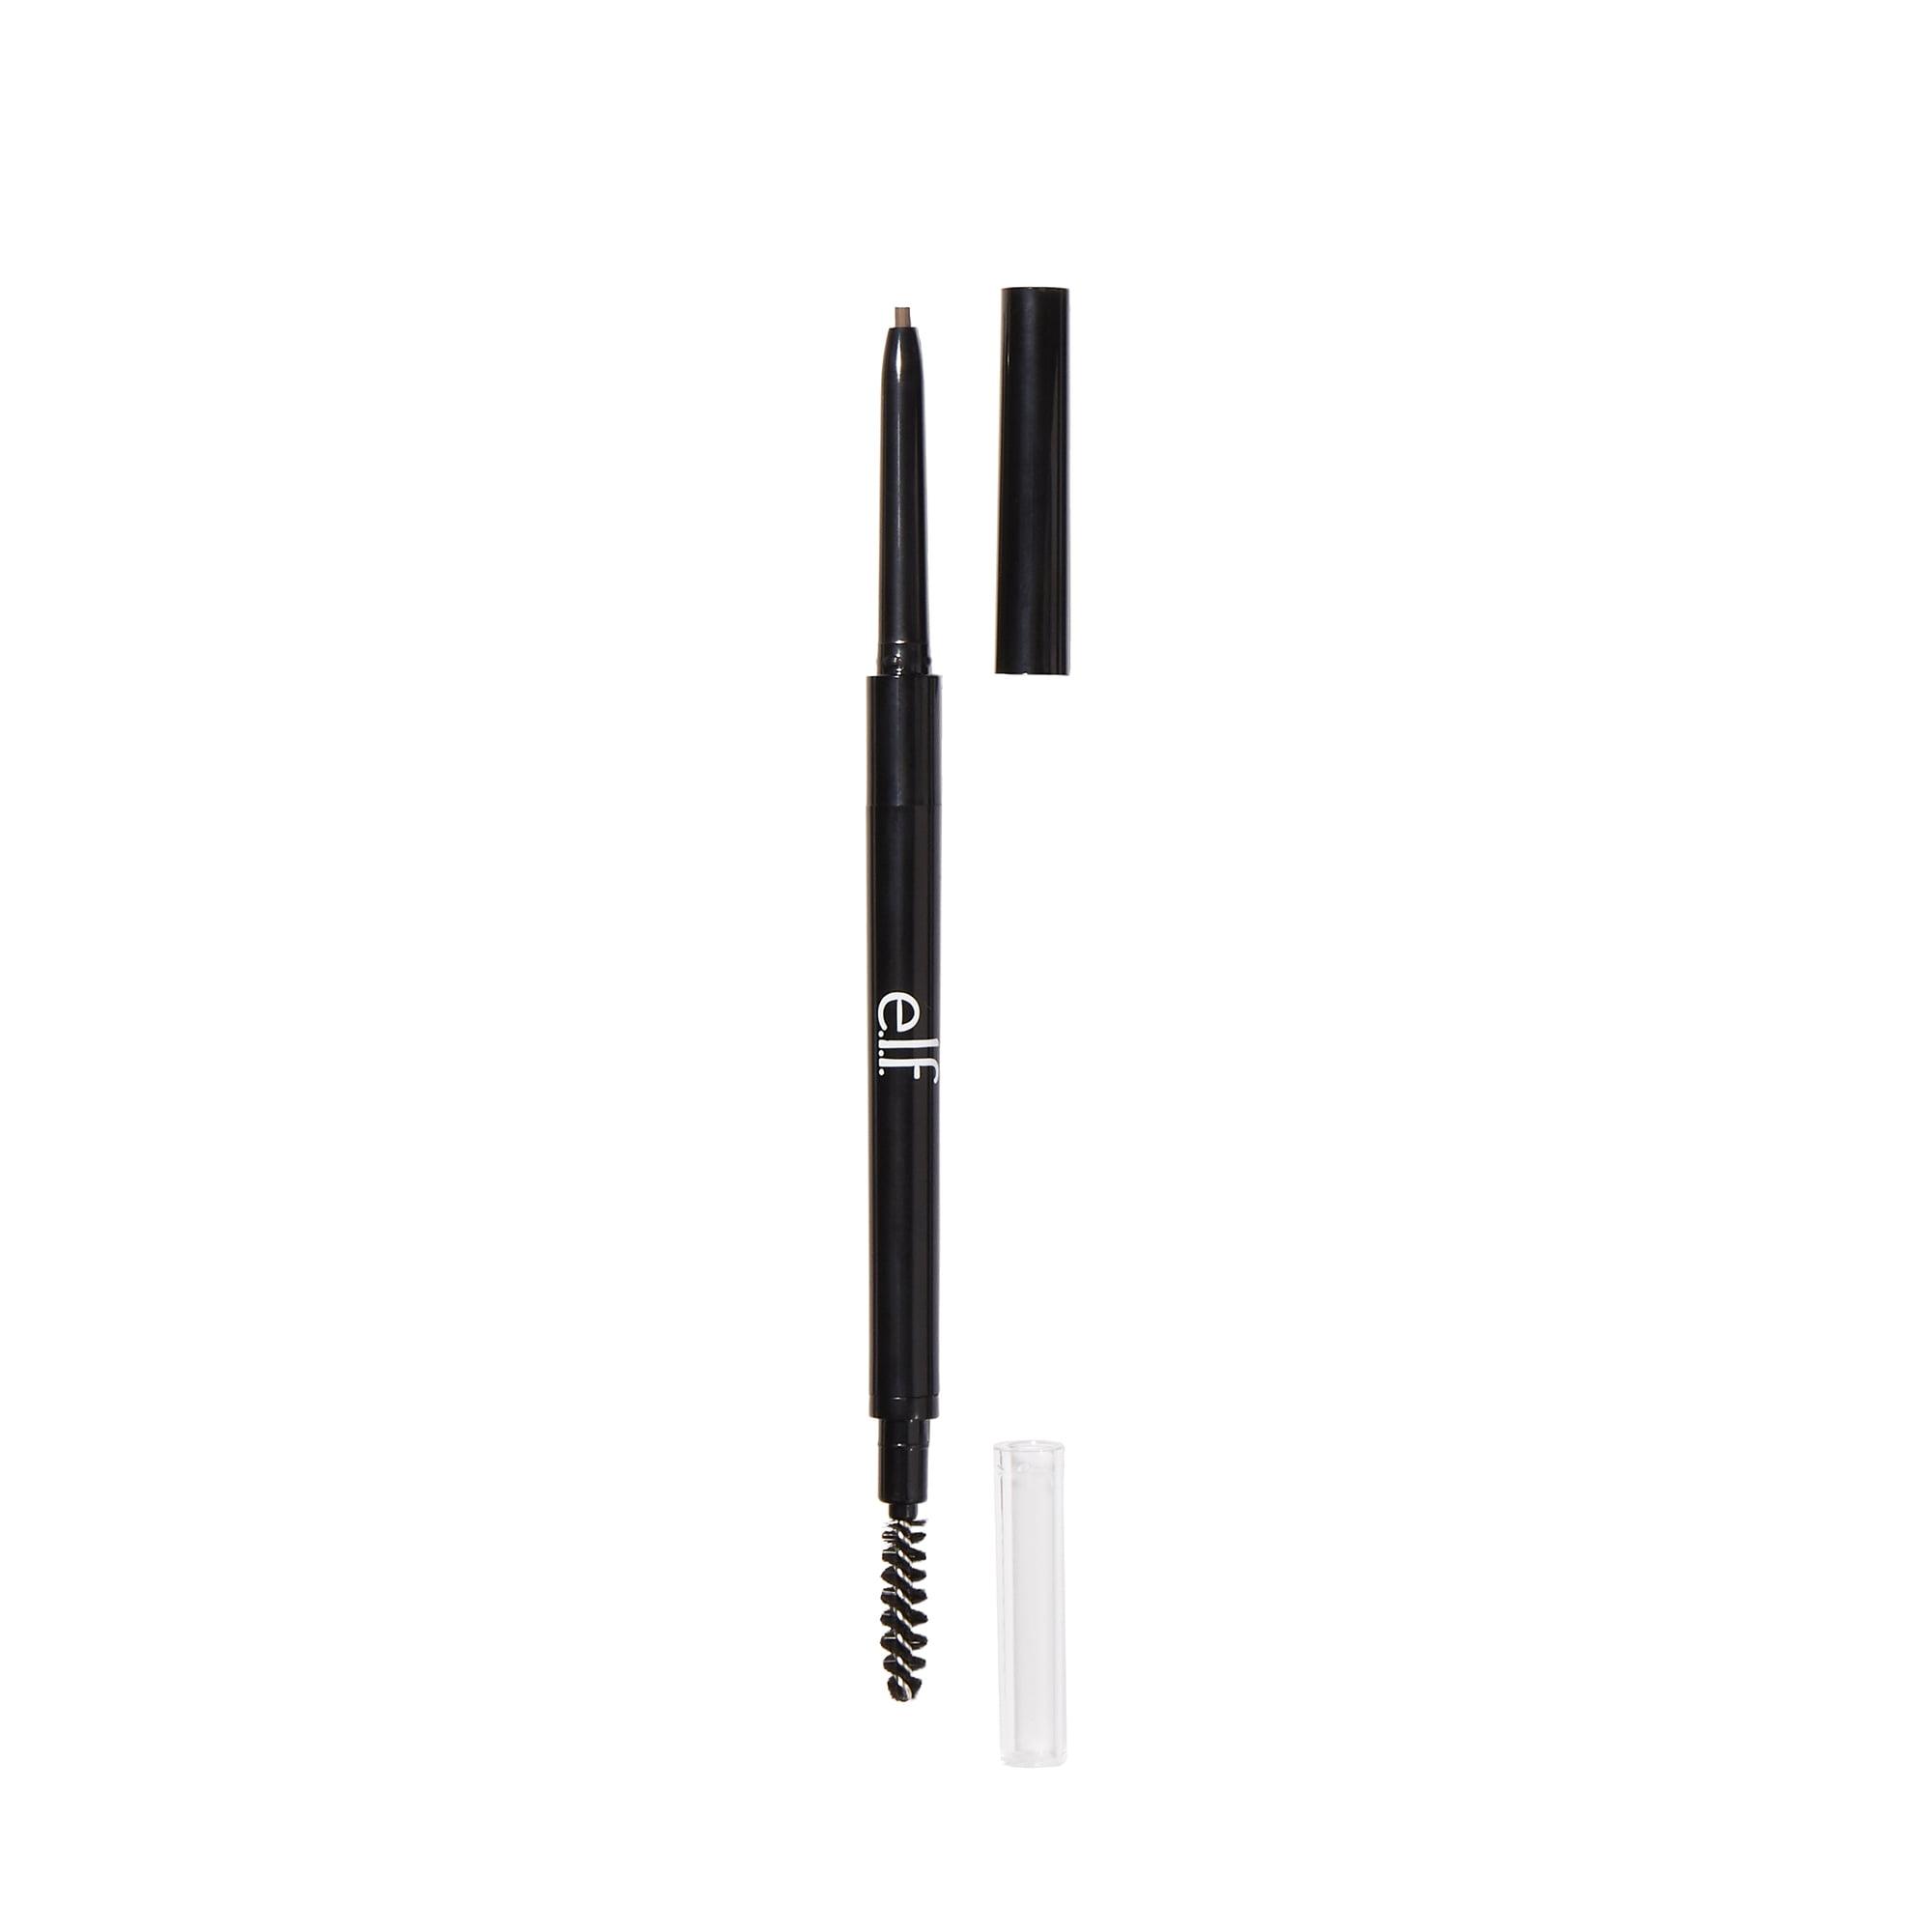 e.l.f. Ultra Precise Brow Pencil Taupe - 0.002oz